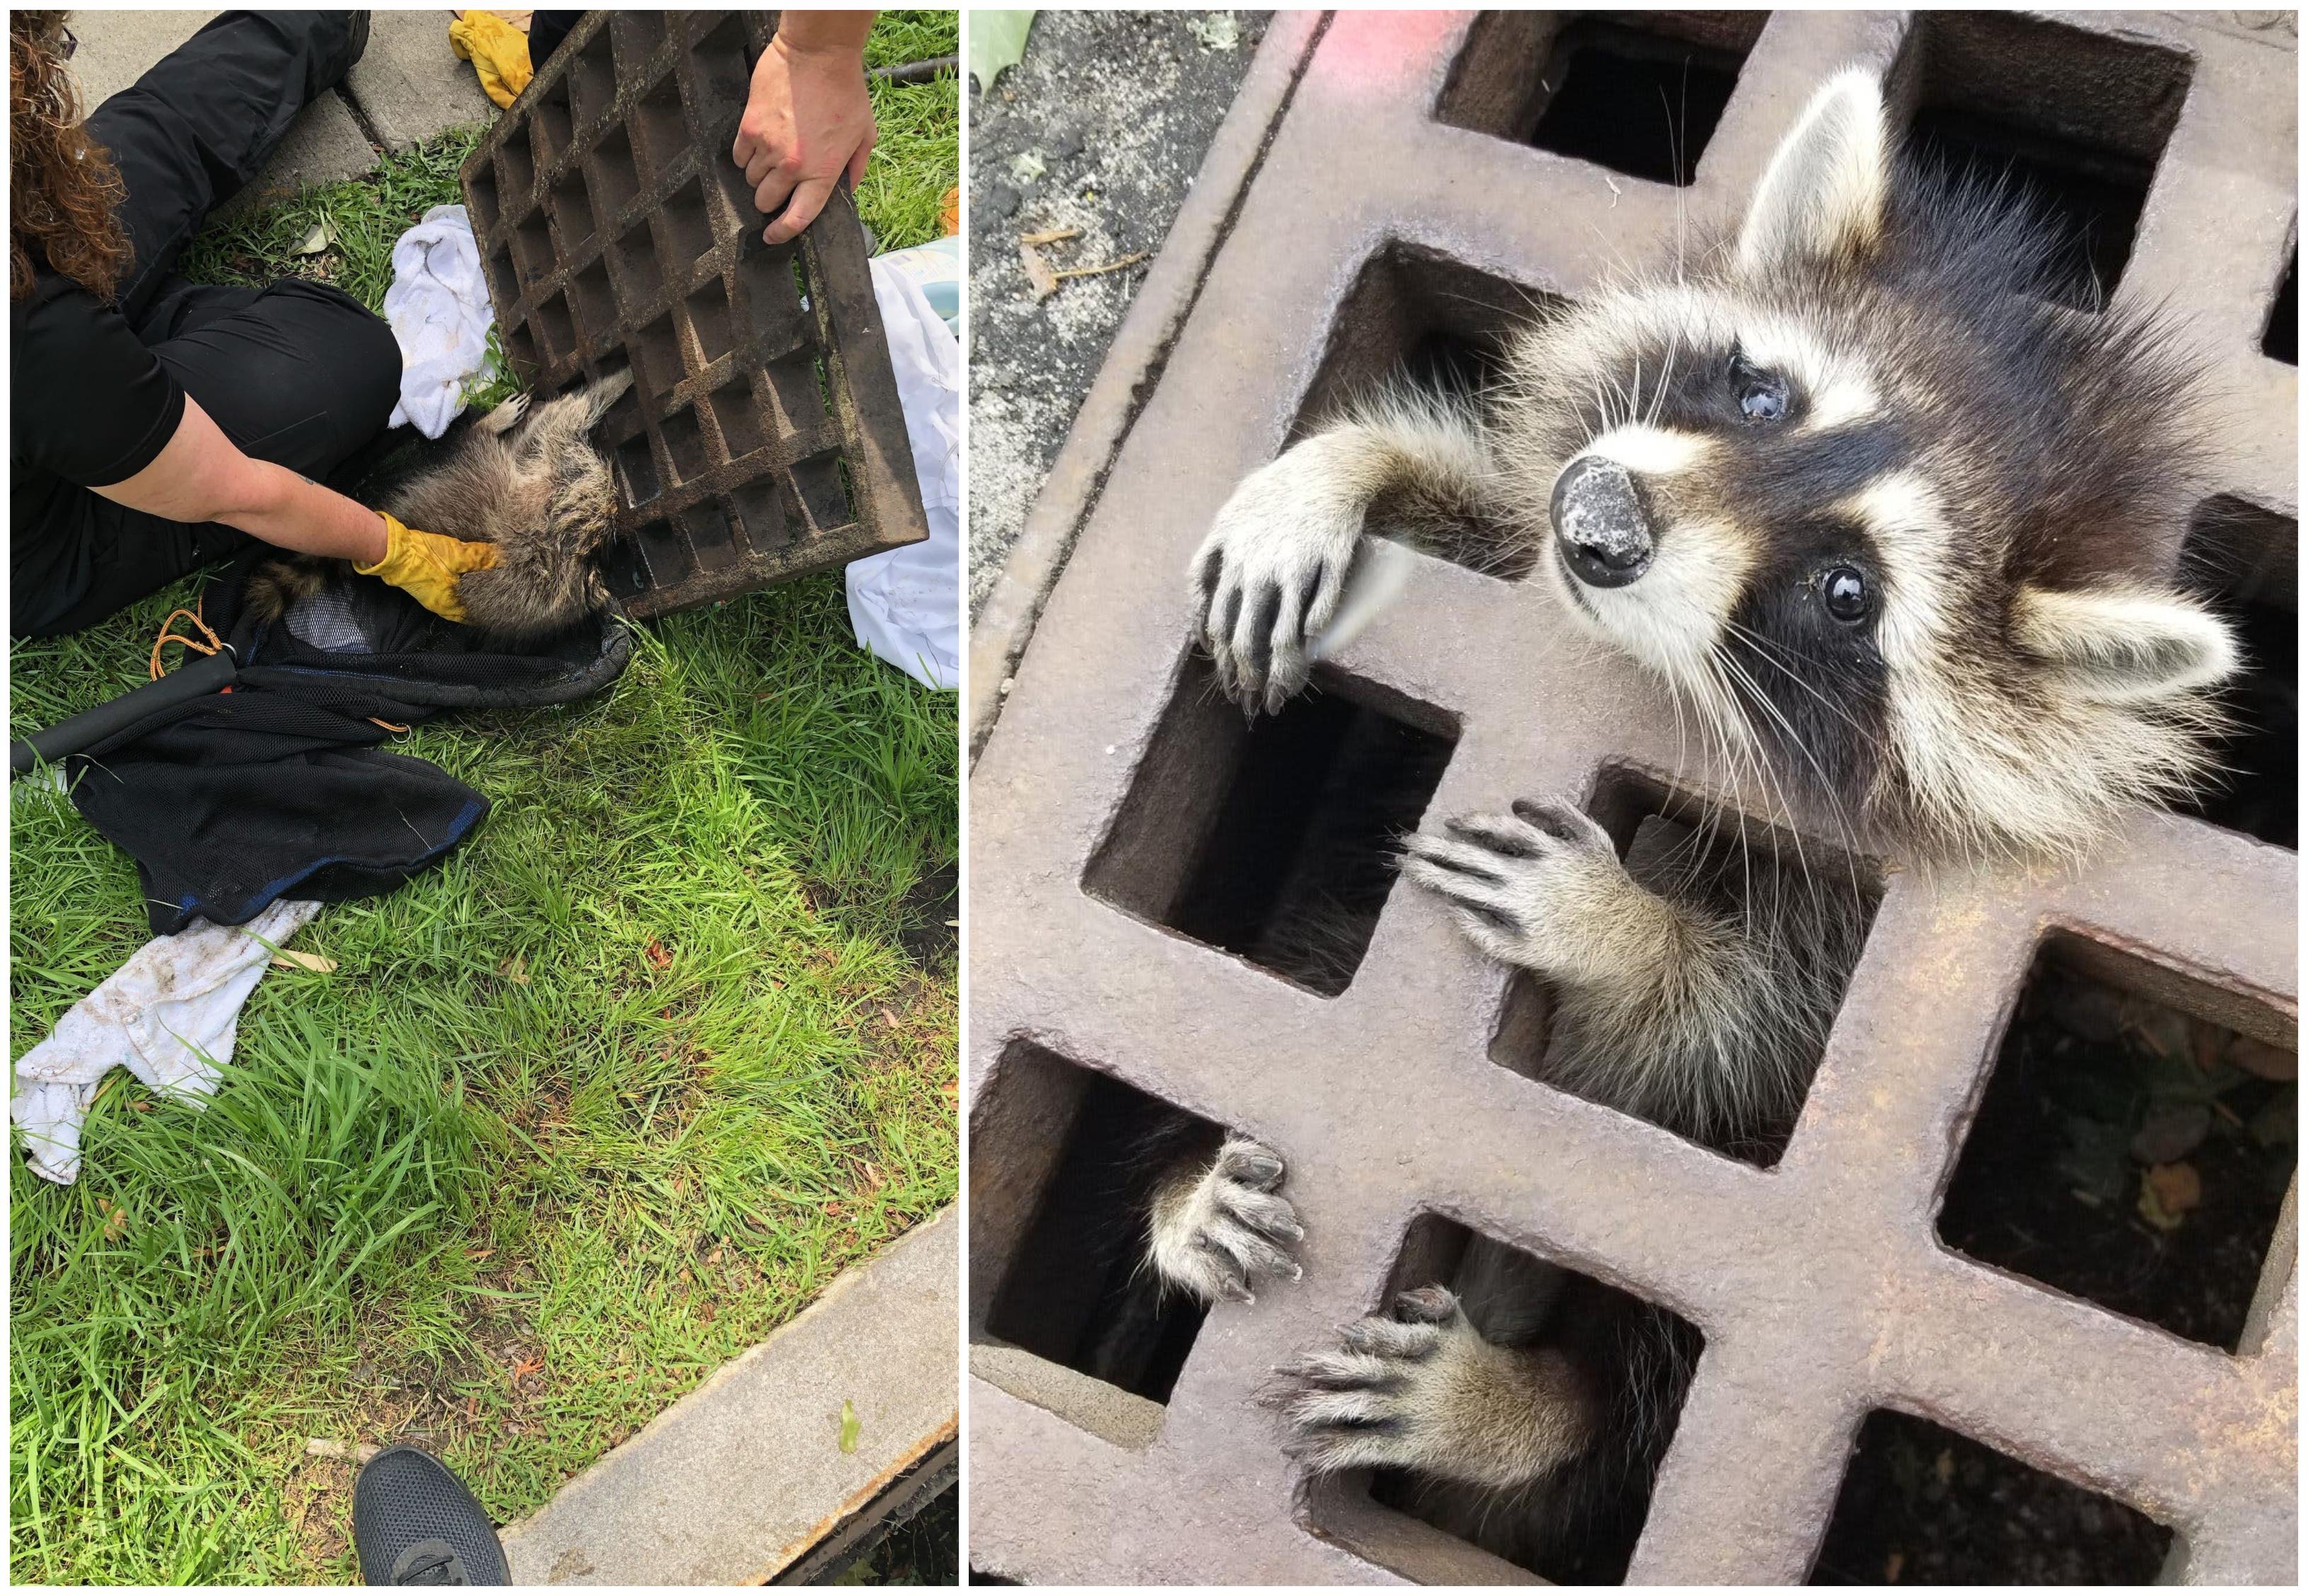 بالصور/ العملية استمرت لساعات...راكون علق في فتحة مجارٍ فأنقذوه وأعطوه مهدئاً